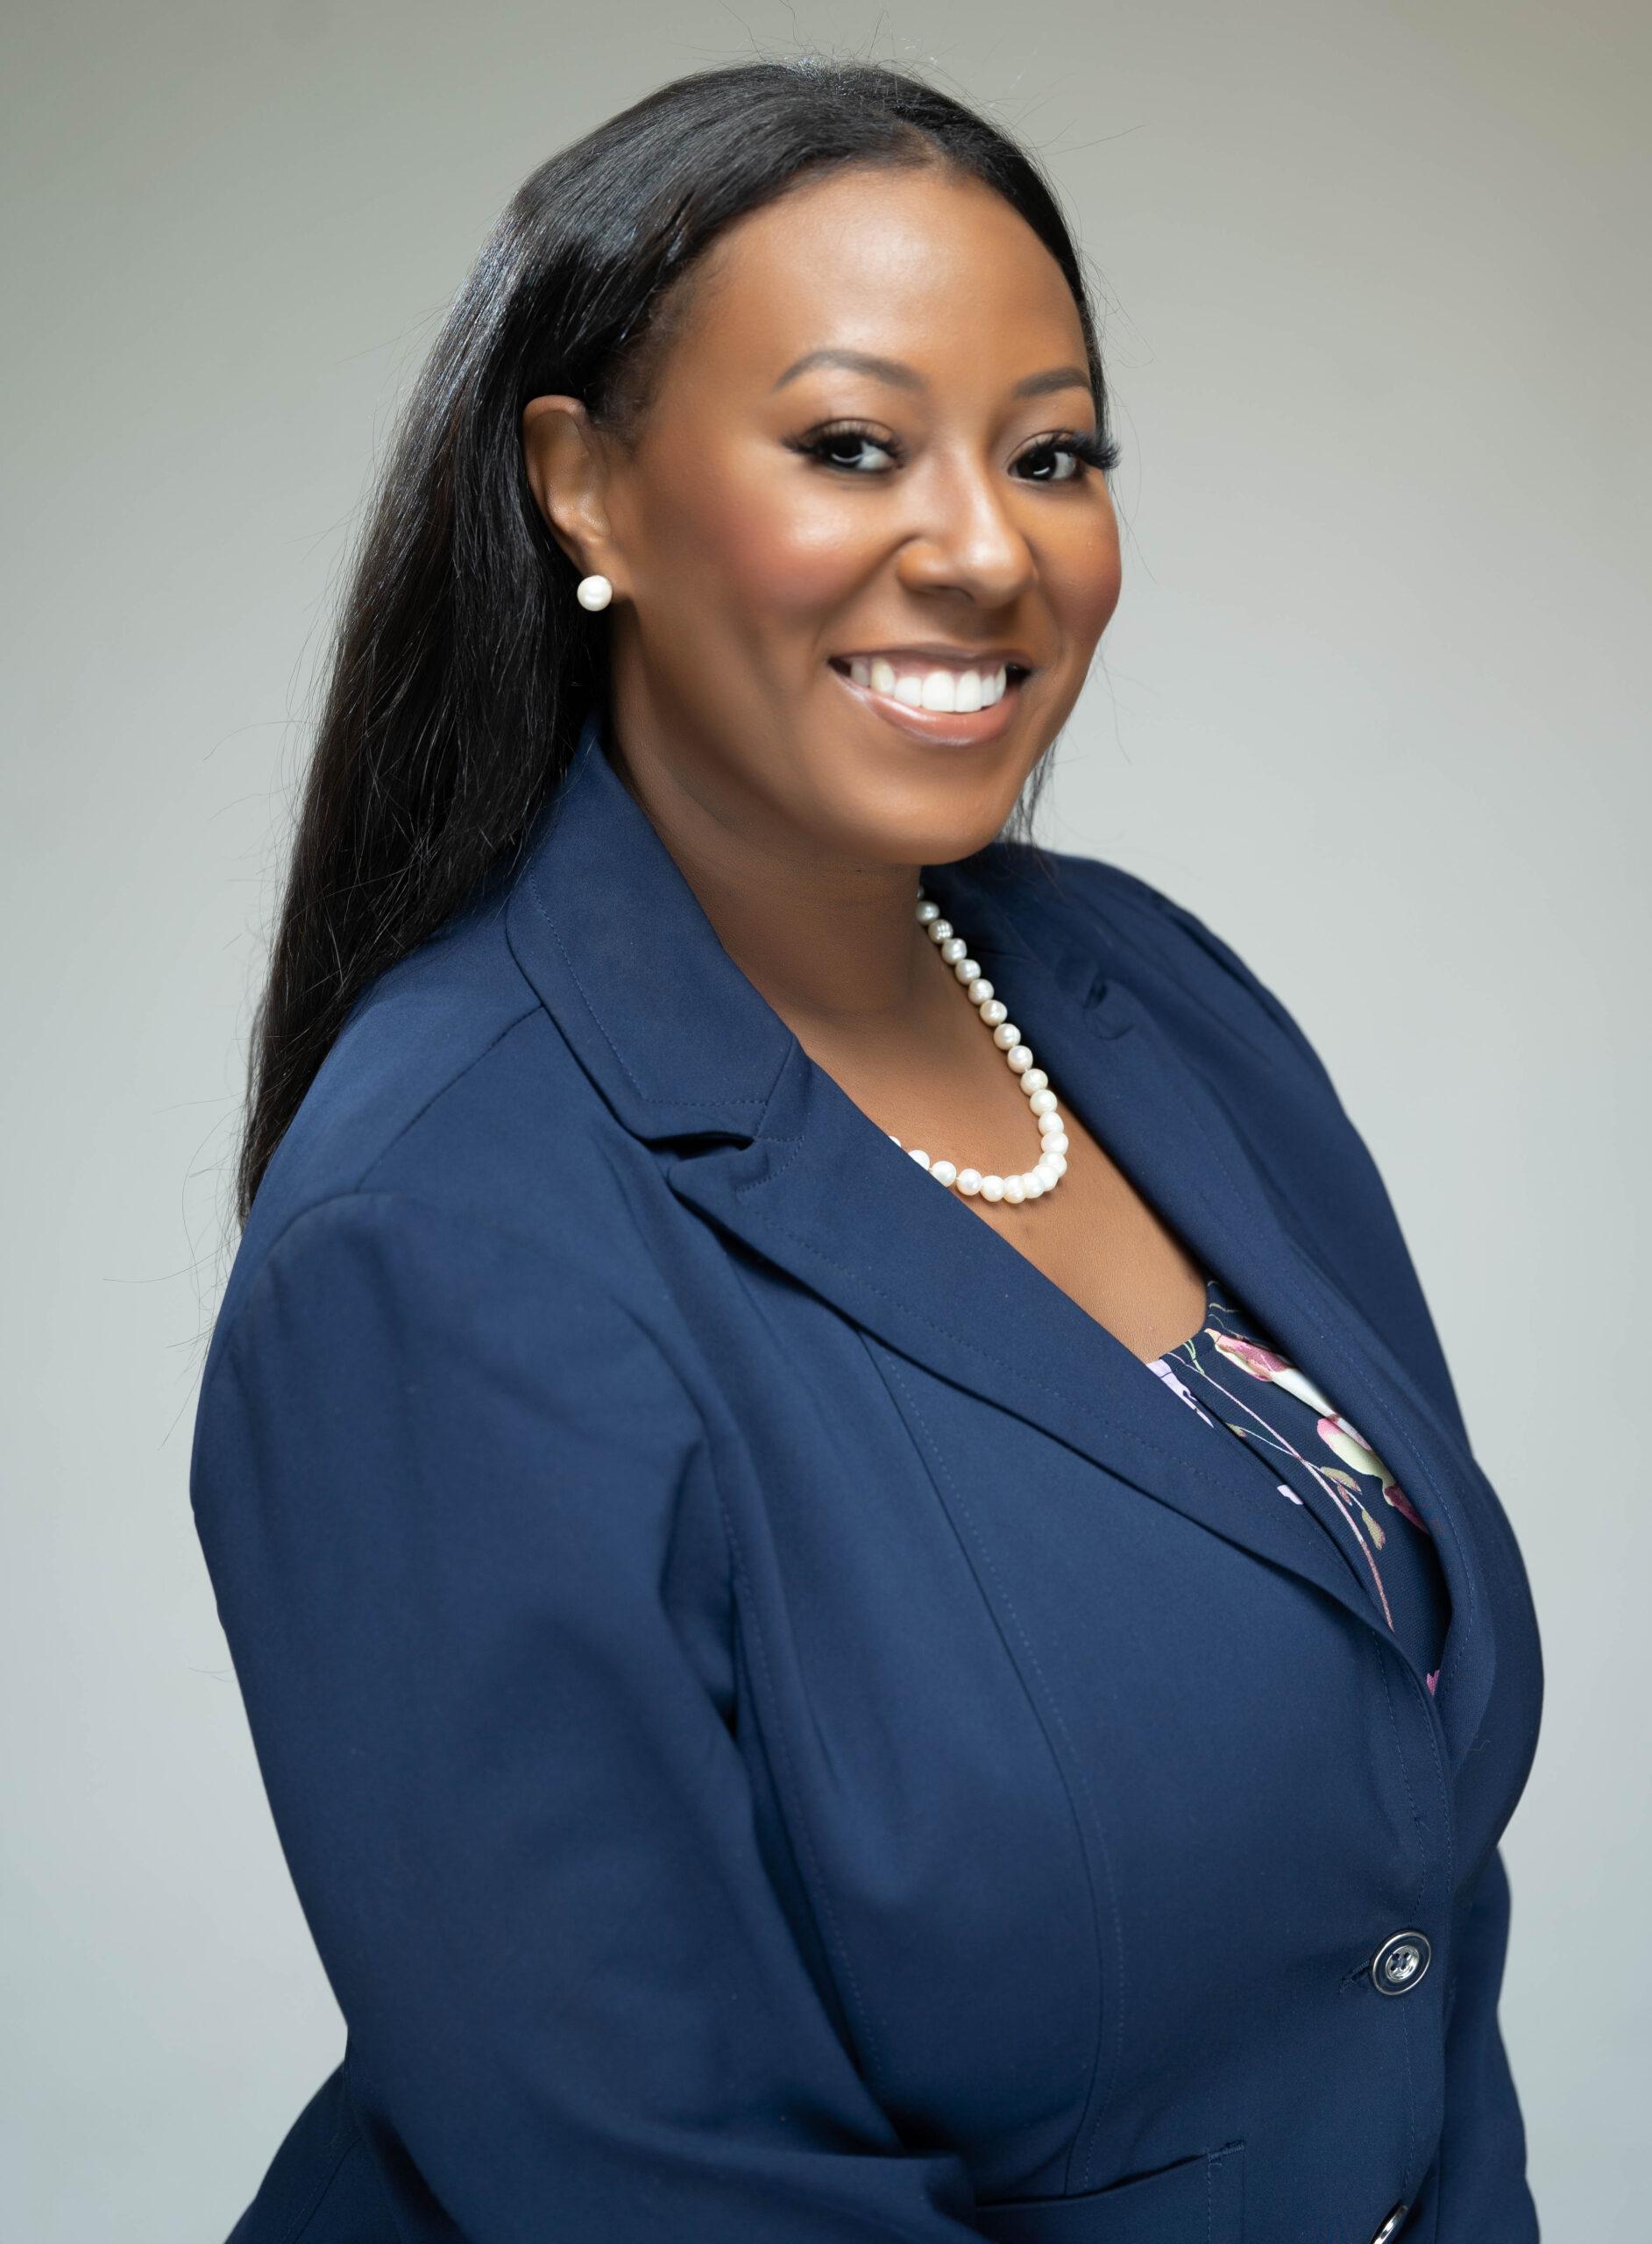 Ms. Leslie Wilson